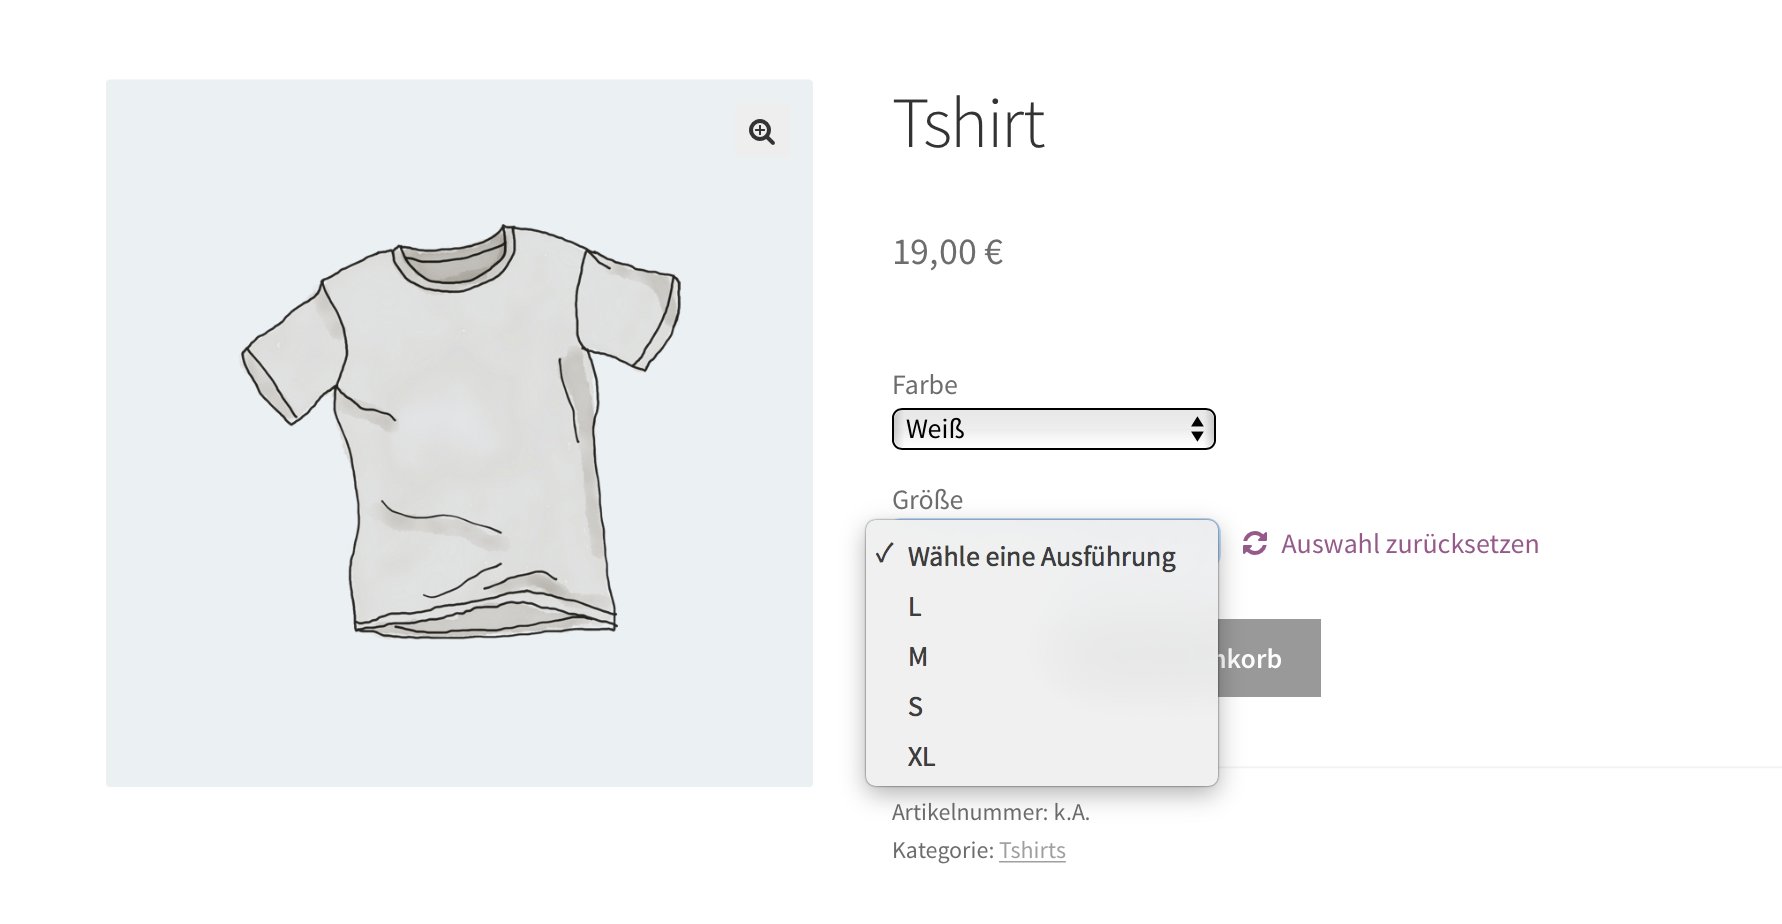 Die fertigen Attributkombinationen im Frontend des Online Shops